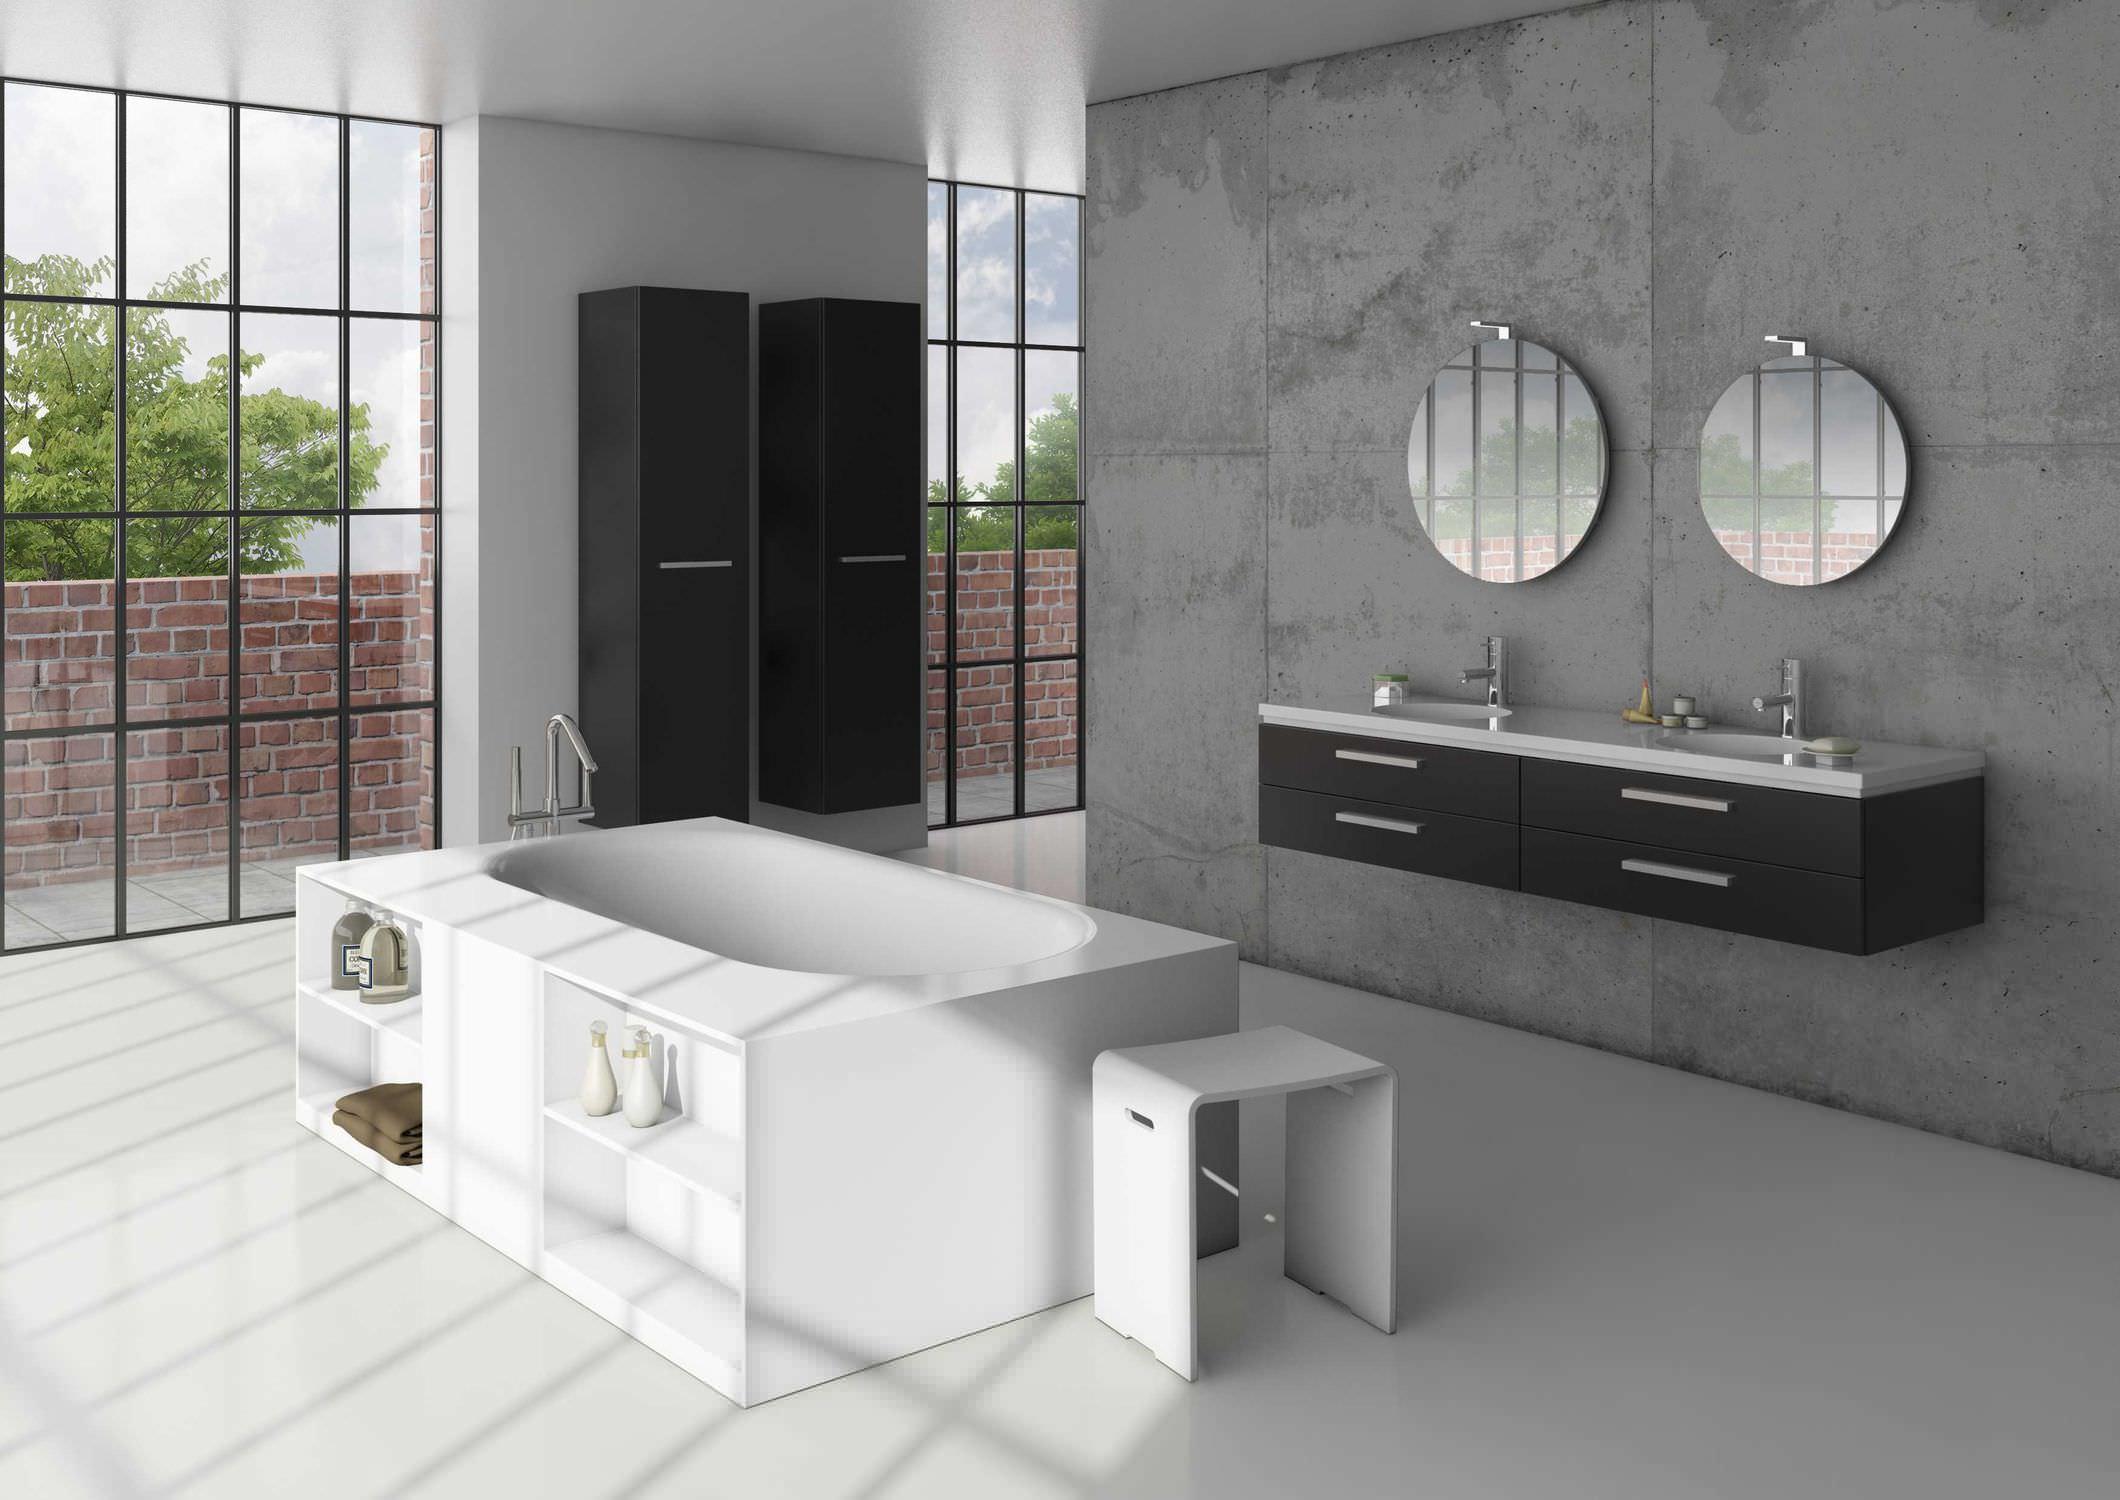 Vrijstaand bad van solid surface met opbergruimte - Riho Burgos